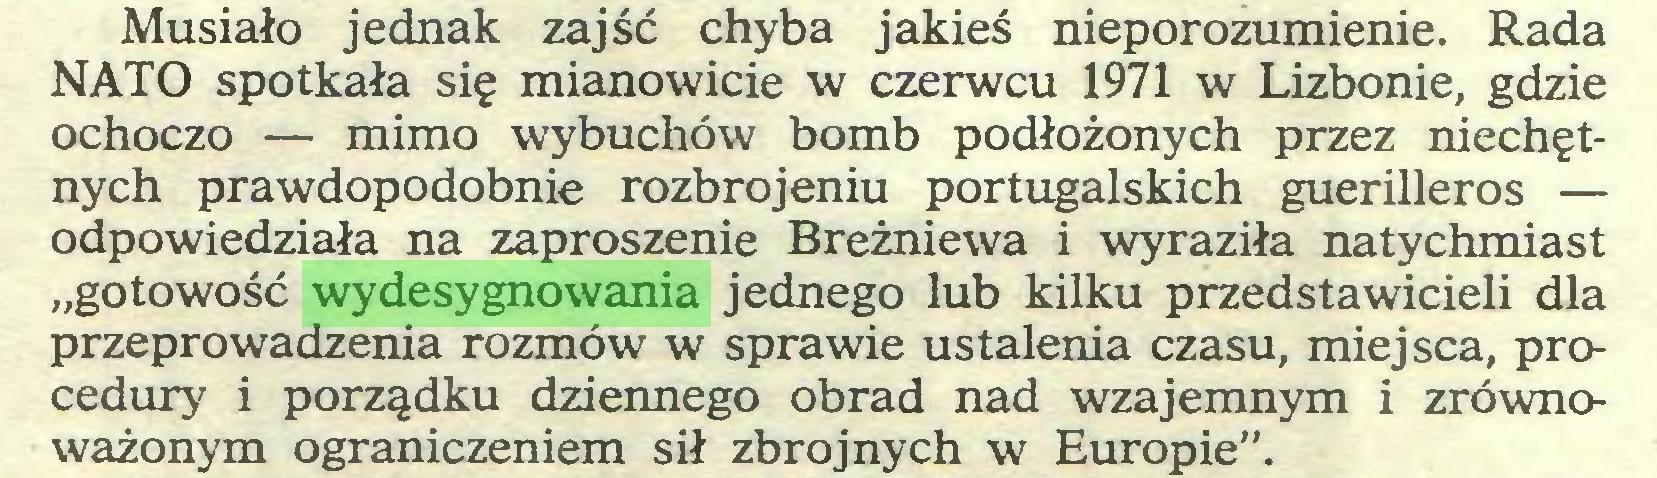 """(...) Musiało jednak zajść chyba jakieś nieporozumienie. Rada NATO spotkała się mianowicie w czerwcu 1971 w Lizbonie, gdzie ochoczo — mimo wybuchów bomb podłożonych przez niechętnych prawdopodobnie rozbrojeniu portugalskich guerilleros — odpowiedziała na zaproszenie Breżniewa i wyraziła natychmiast """"gotowość wydesygnowania jednego lub kilku przedstawicieli dla przeprowadzenia rozmów w sprawie ustalenia czasu, miejsca, procedury i porządku dziennego obrad nad wzajemnym i zrównoważonym ograniczeniem sił zbrojnych w Europie""""..."""